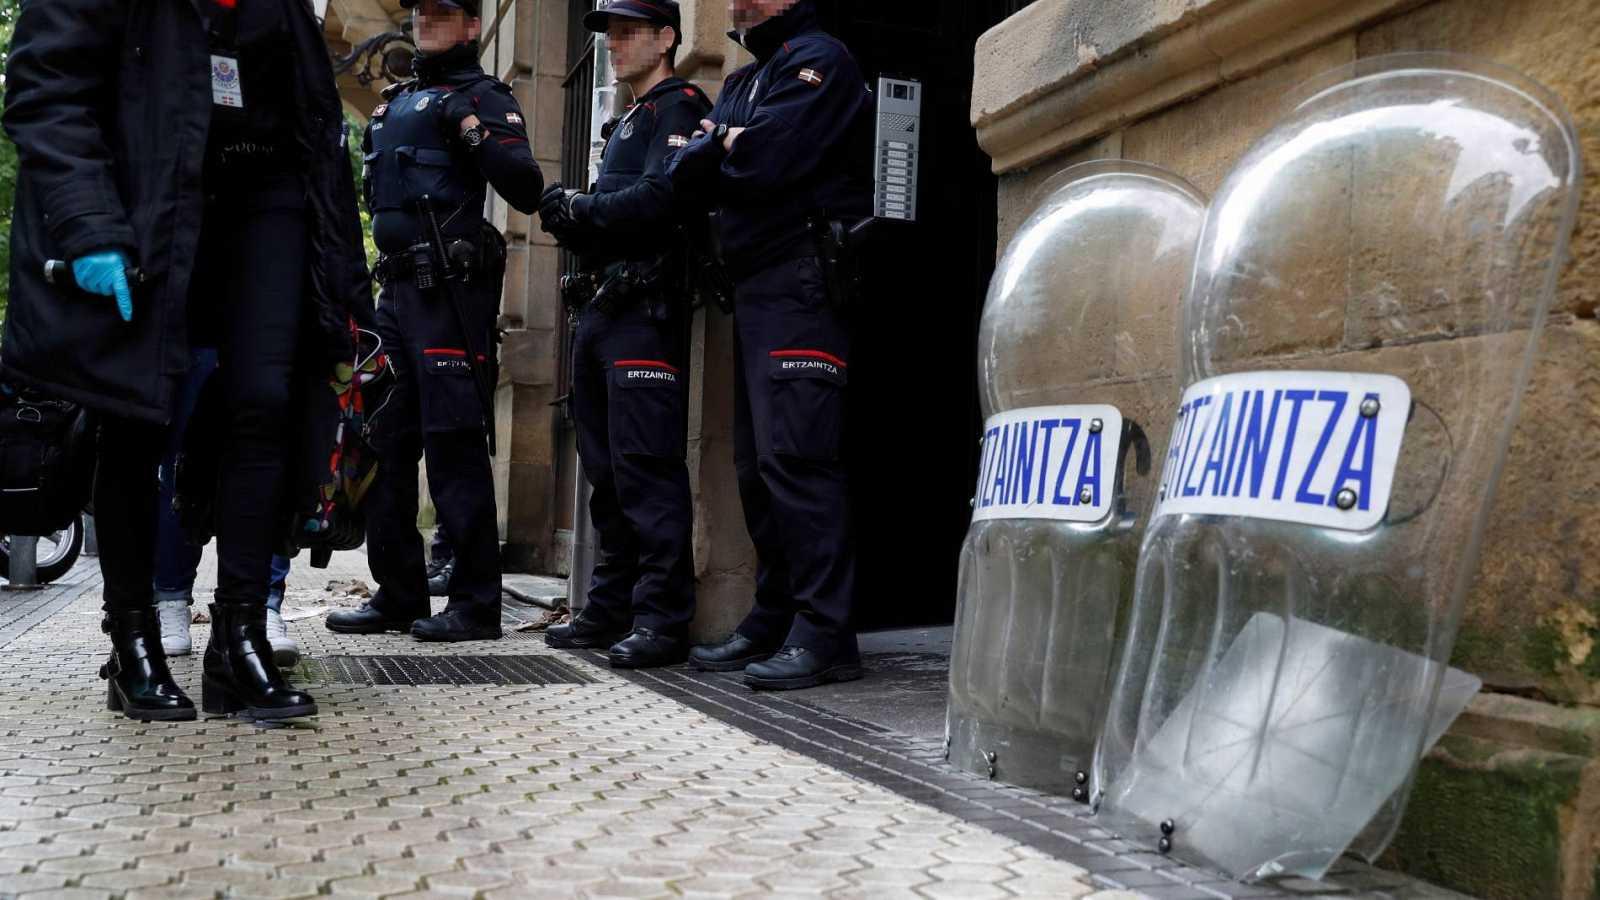 La Ertzaintza junto a una casa ocupada ilegalmente en el centro de San Sebastián